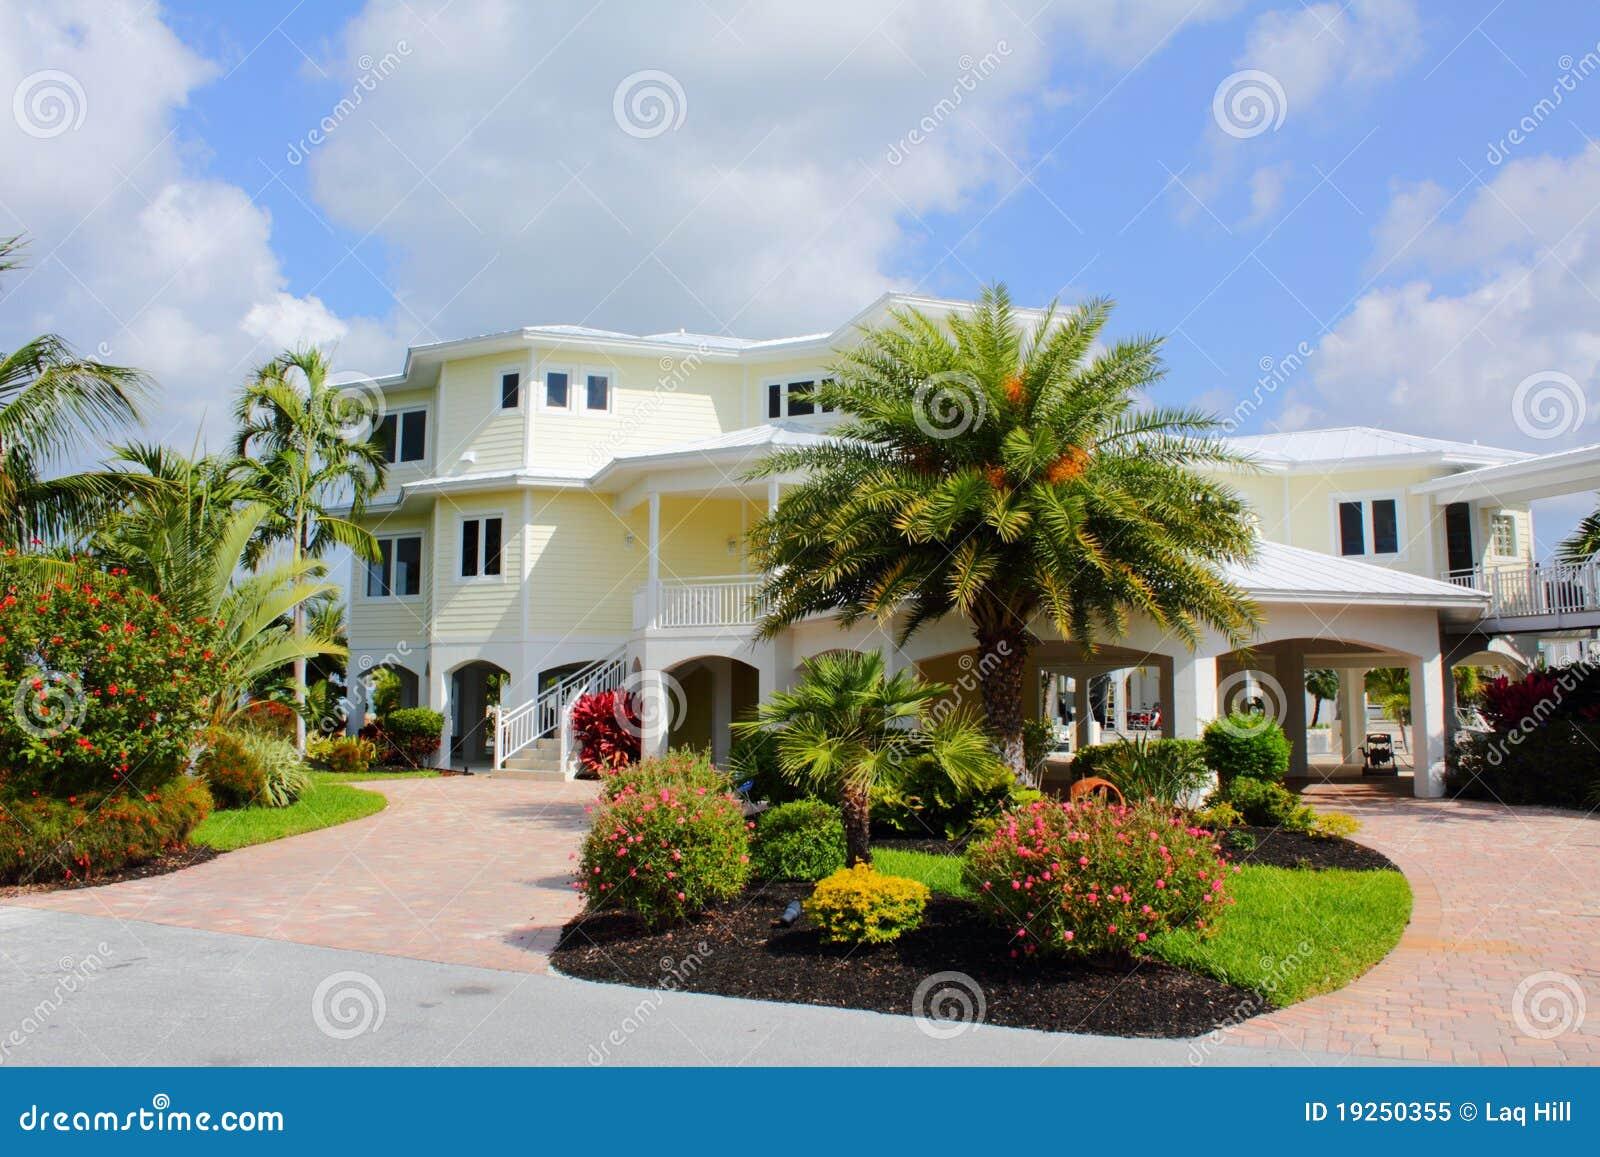 maison tropicale prestigieuse de luxe image stock image du brique pelucheux 19250355